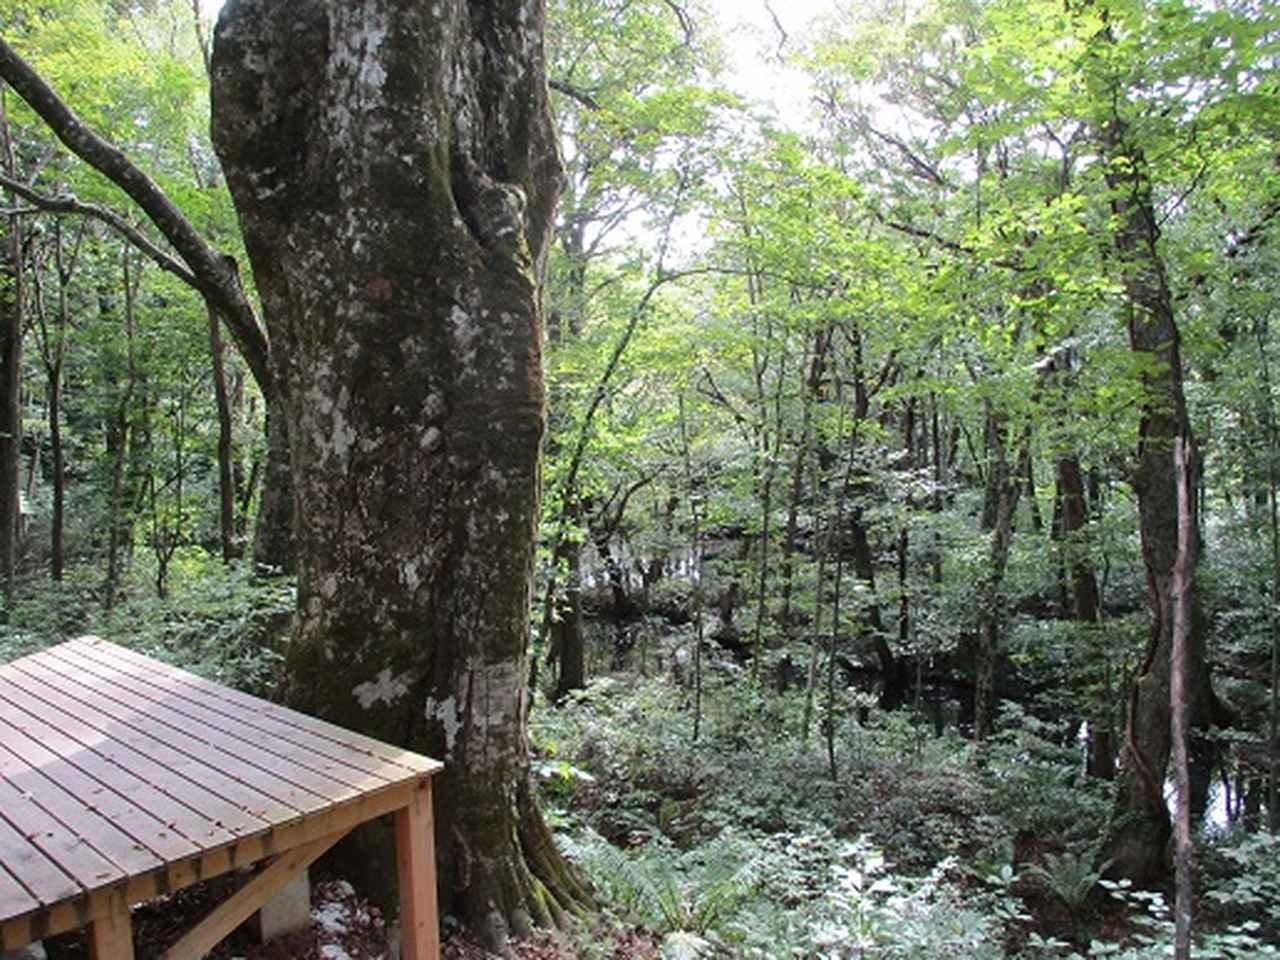 画像2: 【山旅会・登山ガイドこだわりツアー】山旅会ツアー11月までの催行状況